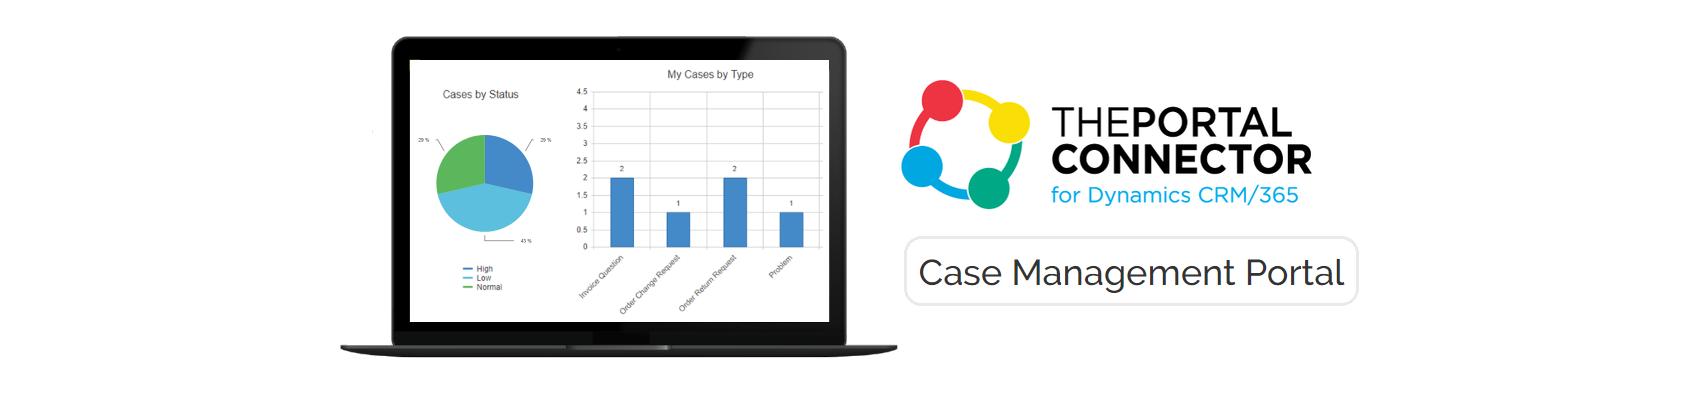 Case Management Portal